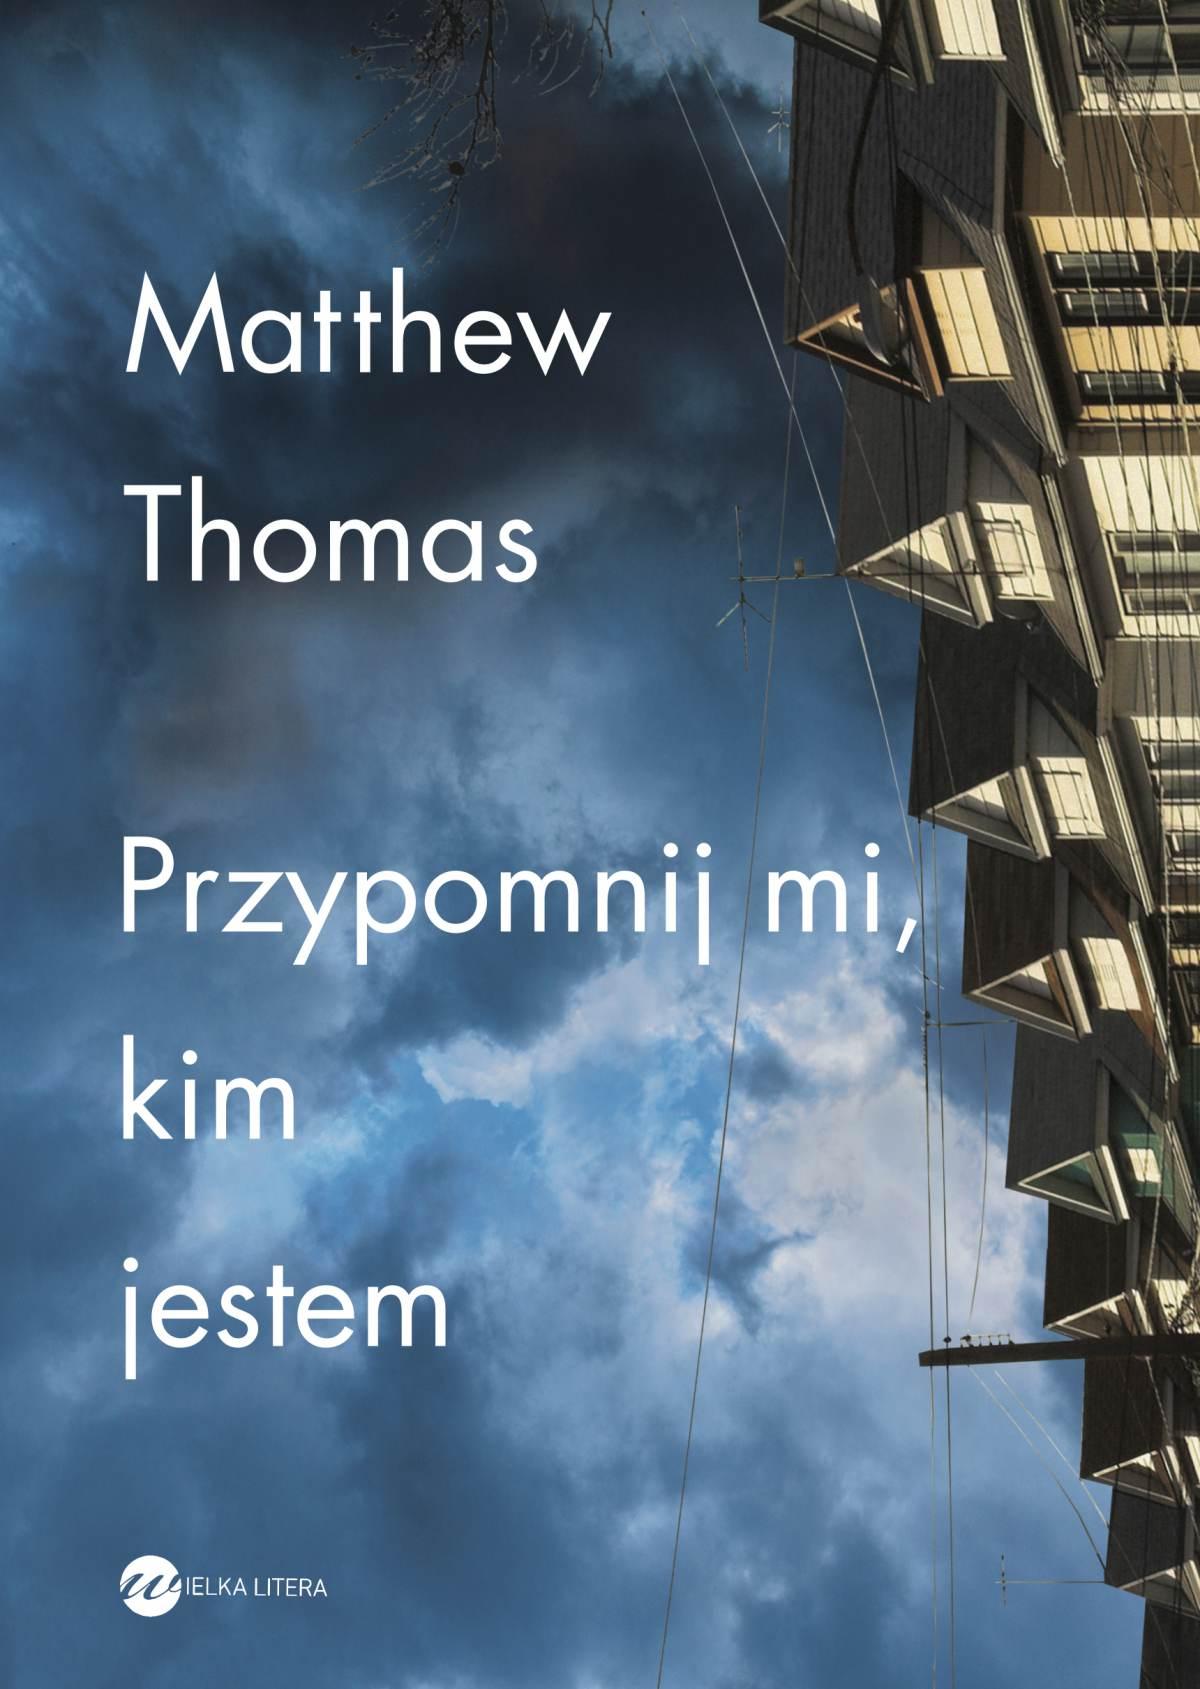 Przypomnij mi,kim jestem - Tylko w Legimi możesz przeczytać ten tytuł przez 7 dni za darmo. - Matthew Thomas